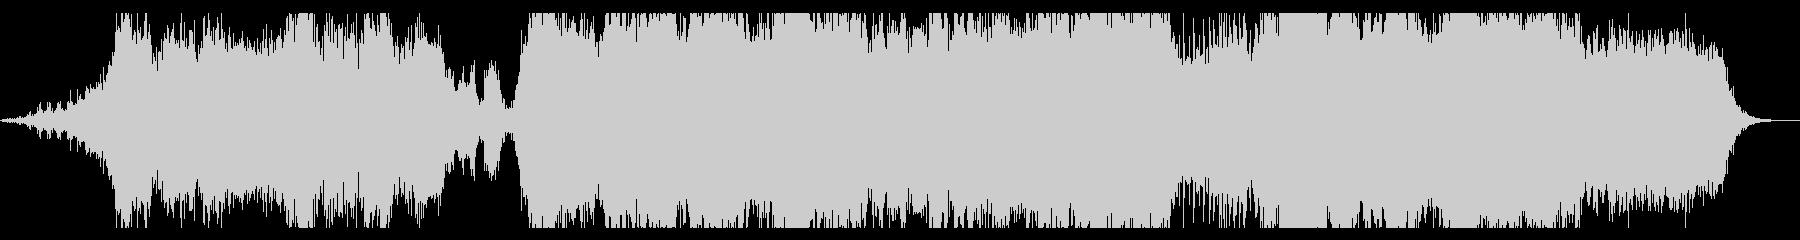 ダークファンタジーなオーケストラBGMの未再生の波形